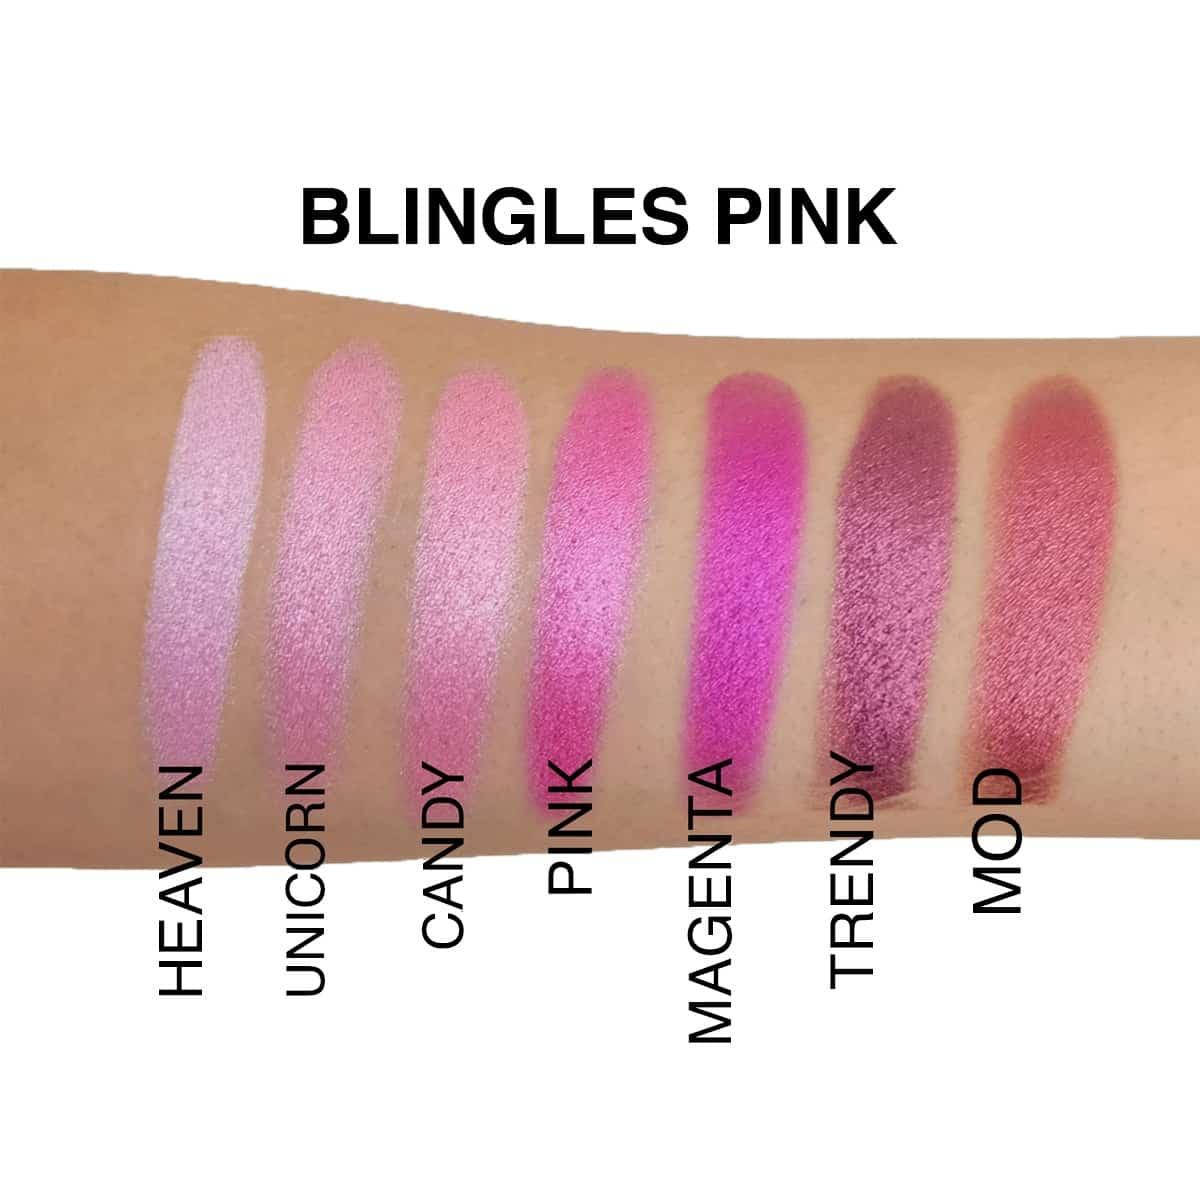 Blingles-Pink-1-min